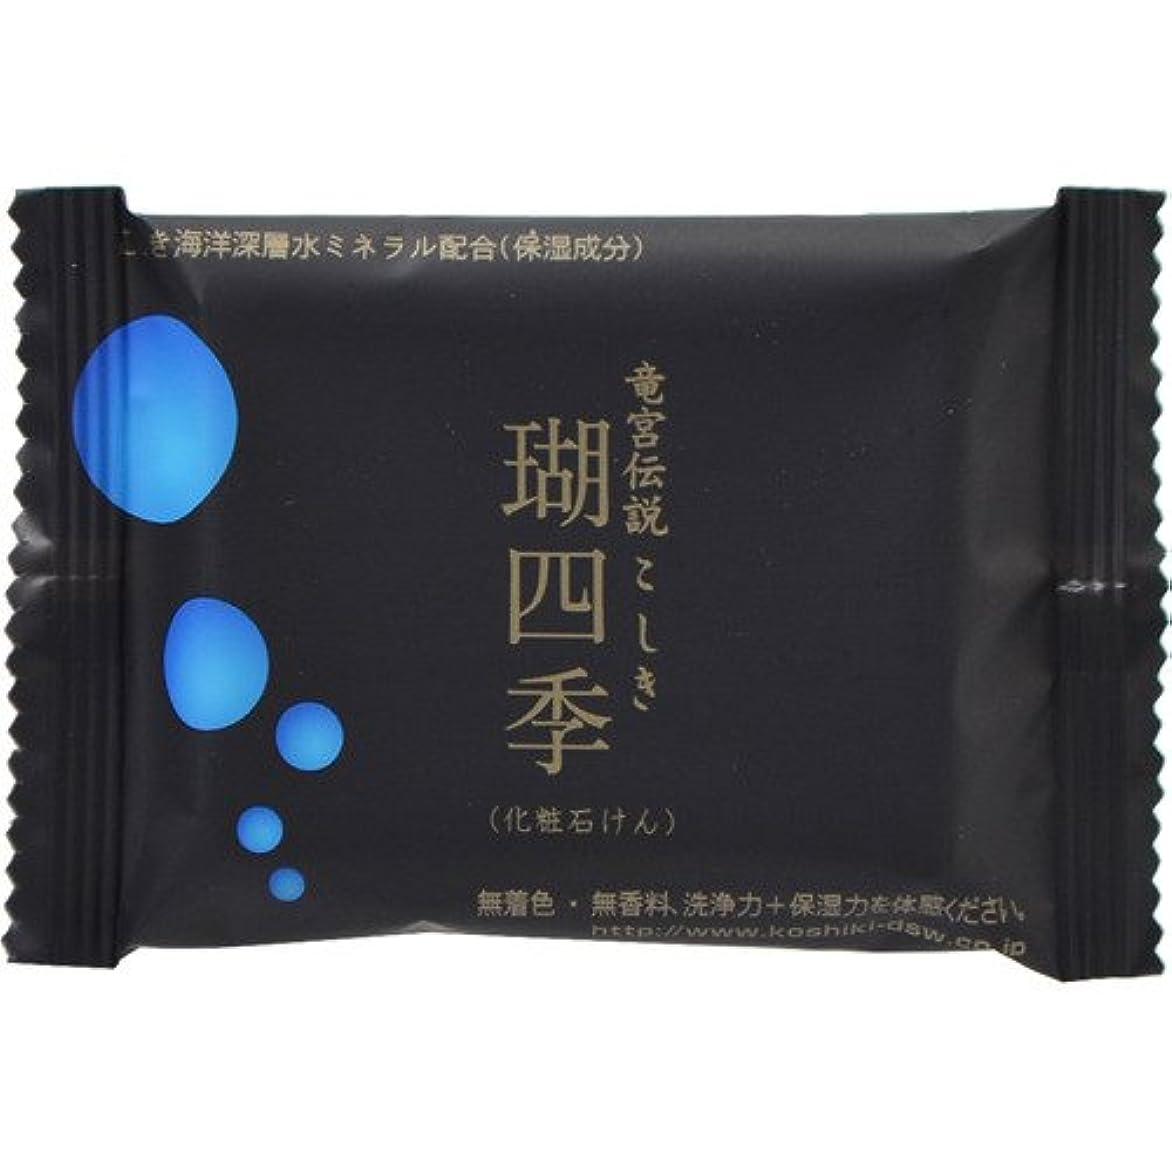 ファイナンスゴールド発症瑚四季 化粧石鹸 30g